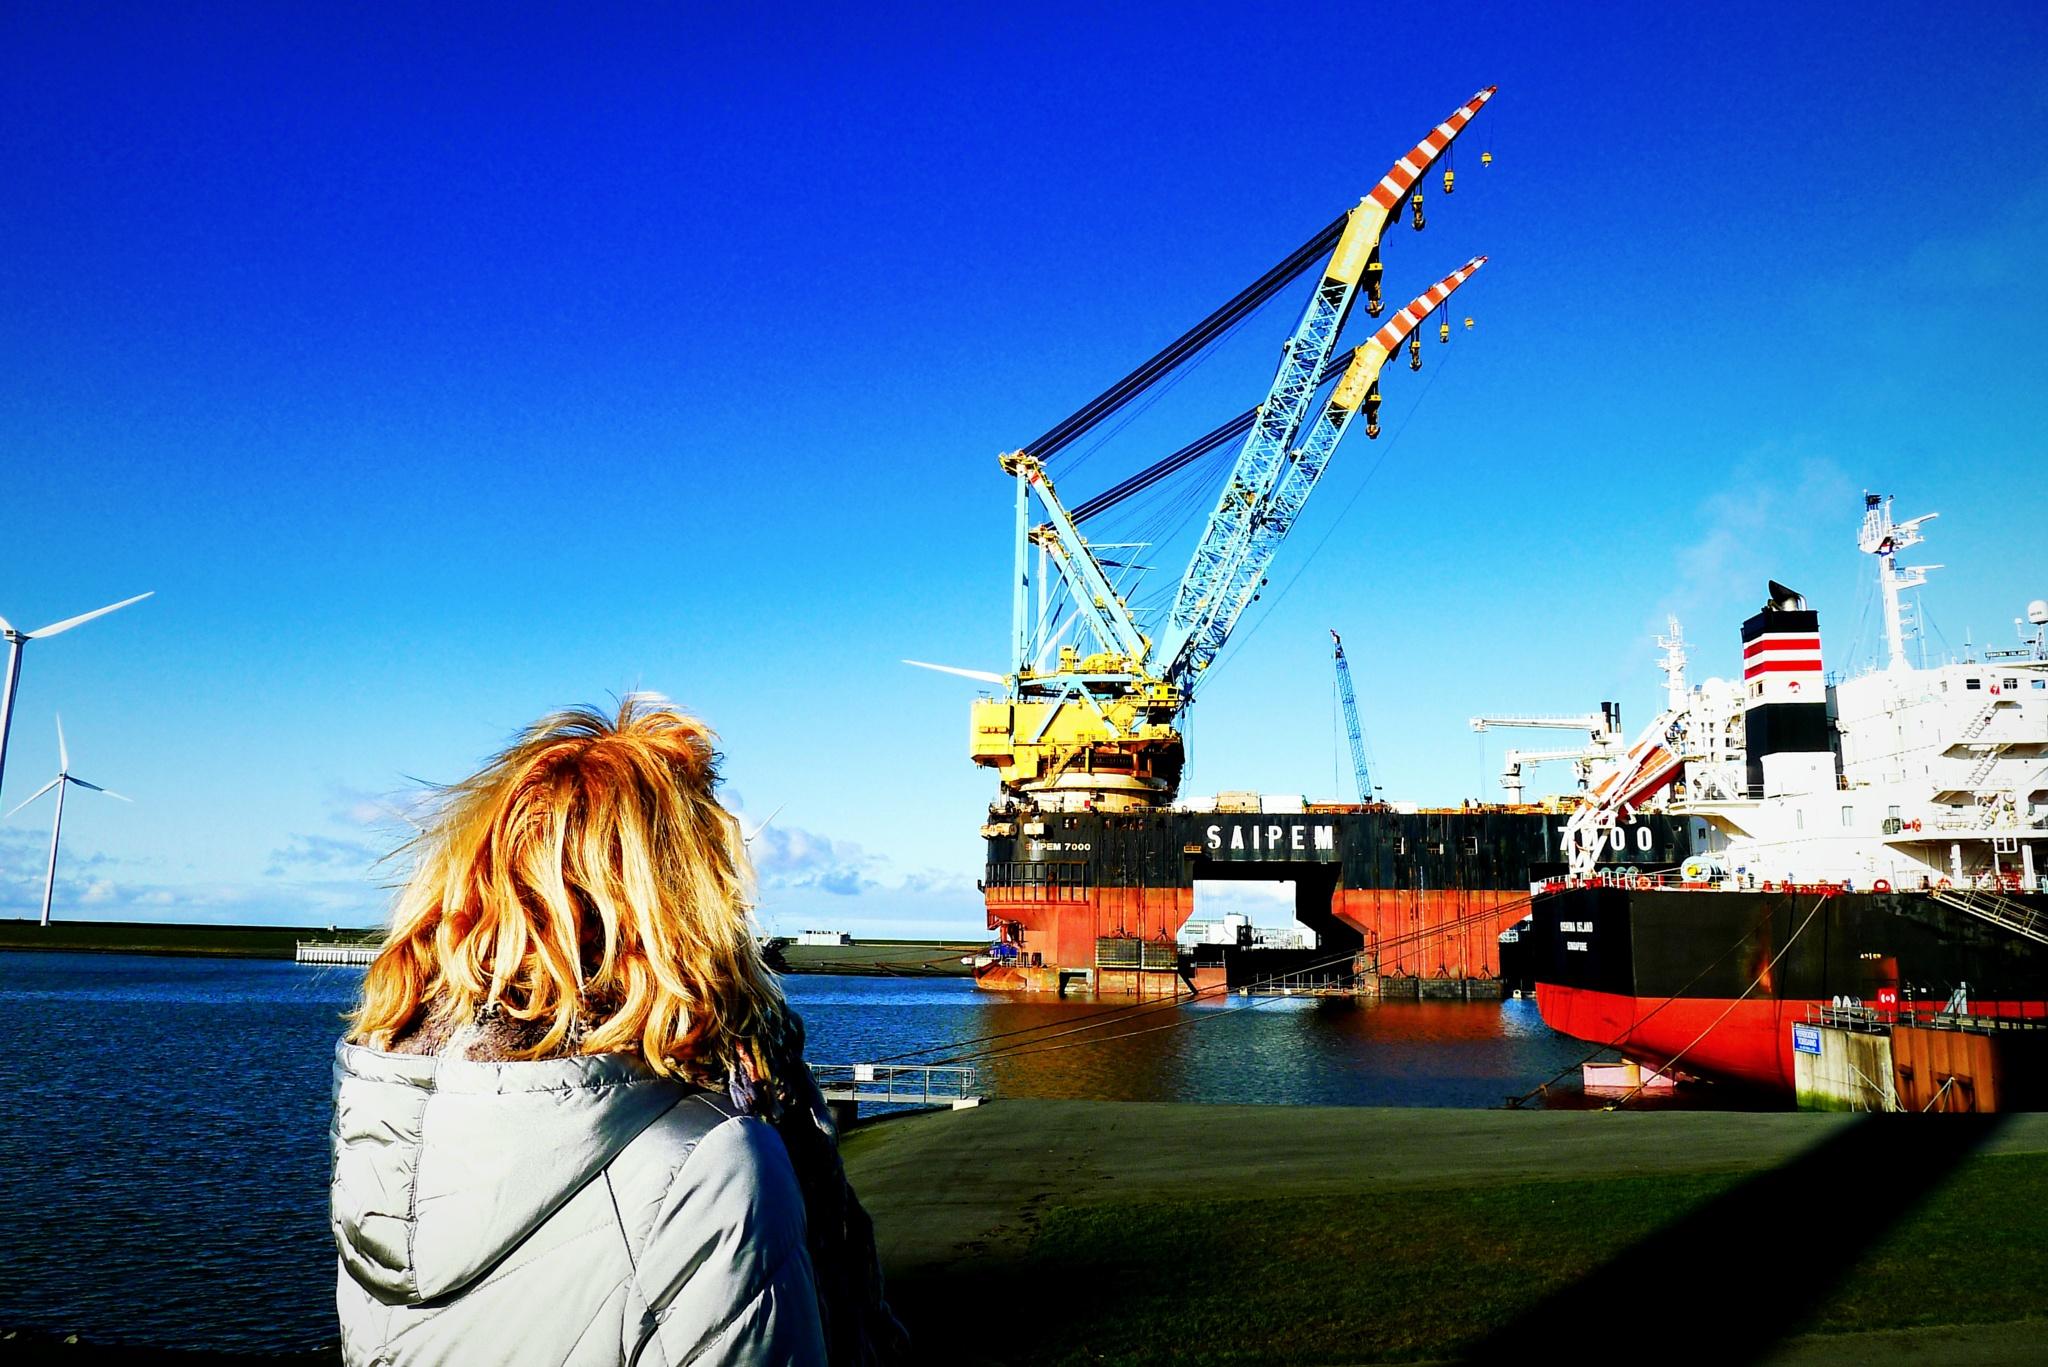 Harbour view by Jankees Metzlar